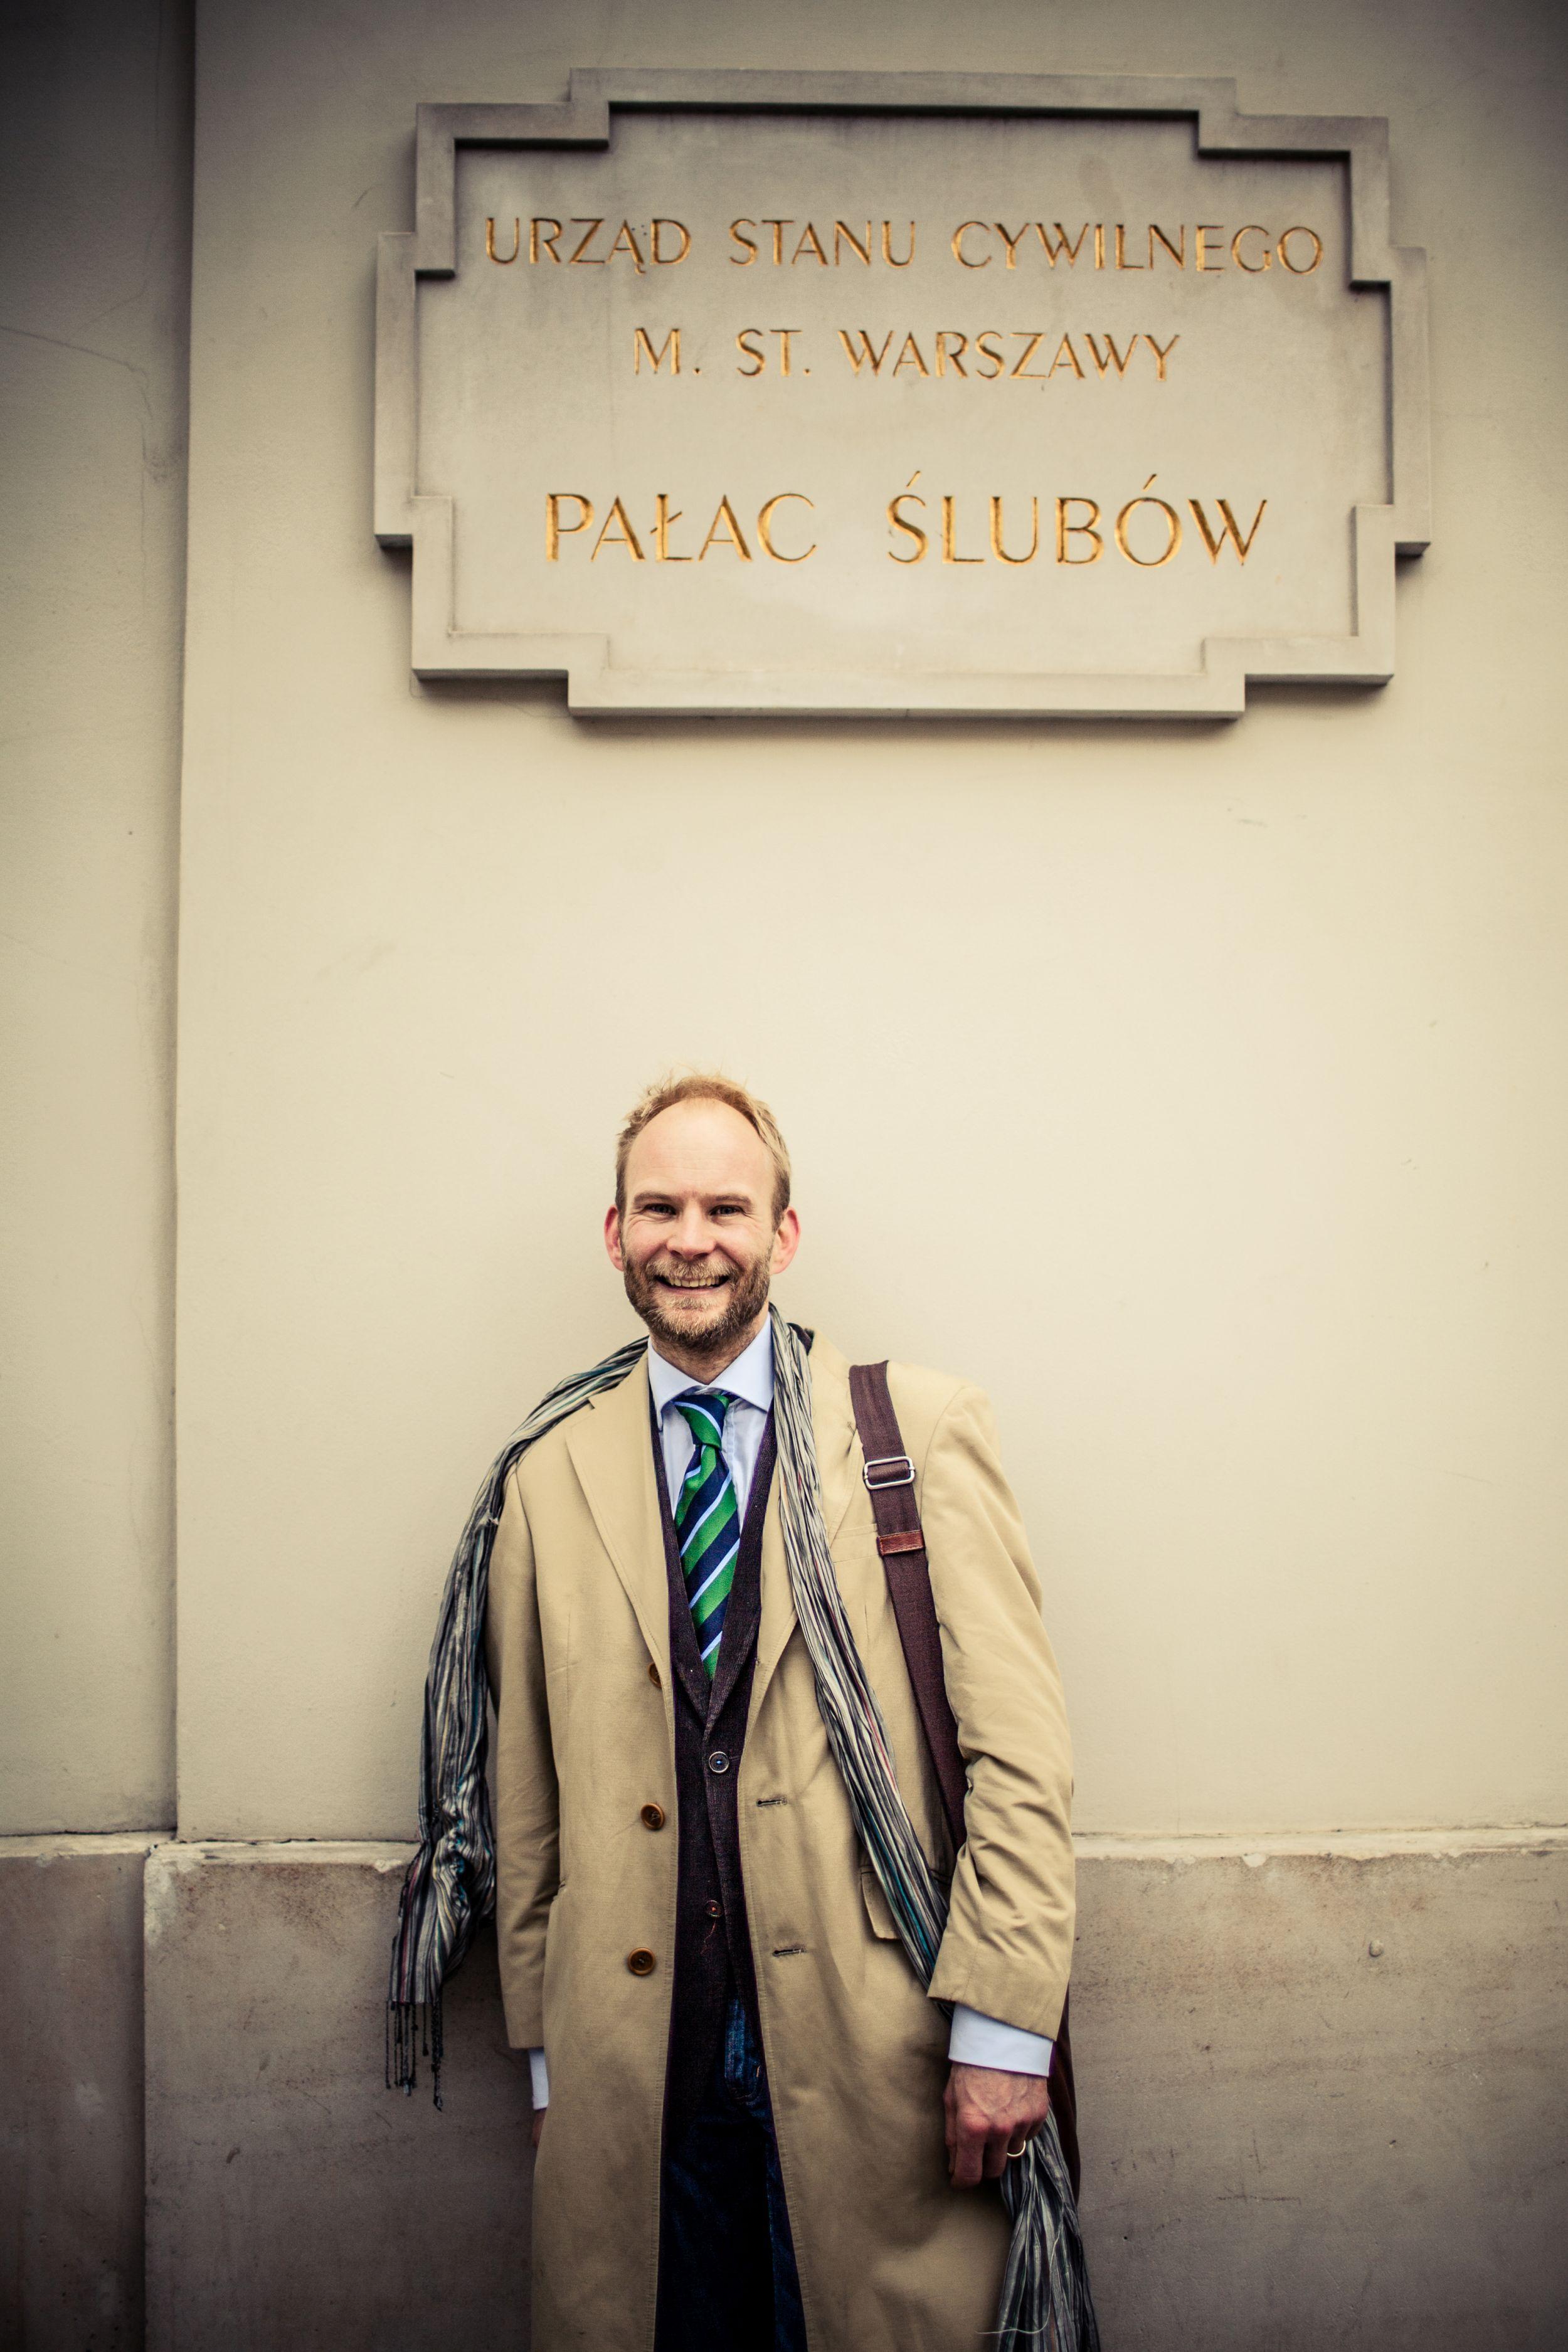 Jakubowi Urbanikowi wydania zaświadczenia o tym, że jest stanu wolnego, odmówili pracownicy Urzędu Stanu Cywilnego (fot. Albert Zawada / Agencja Gazeta)